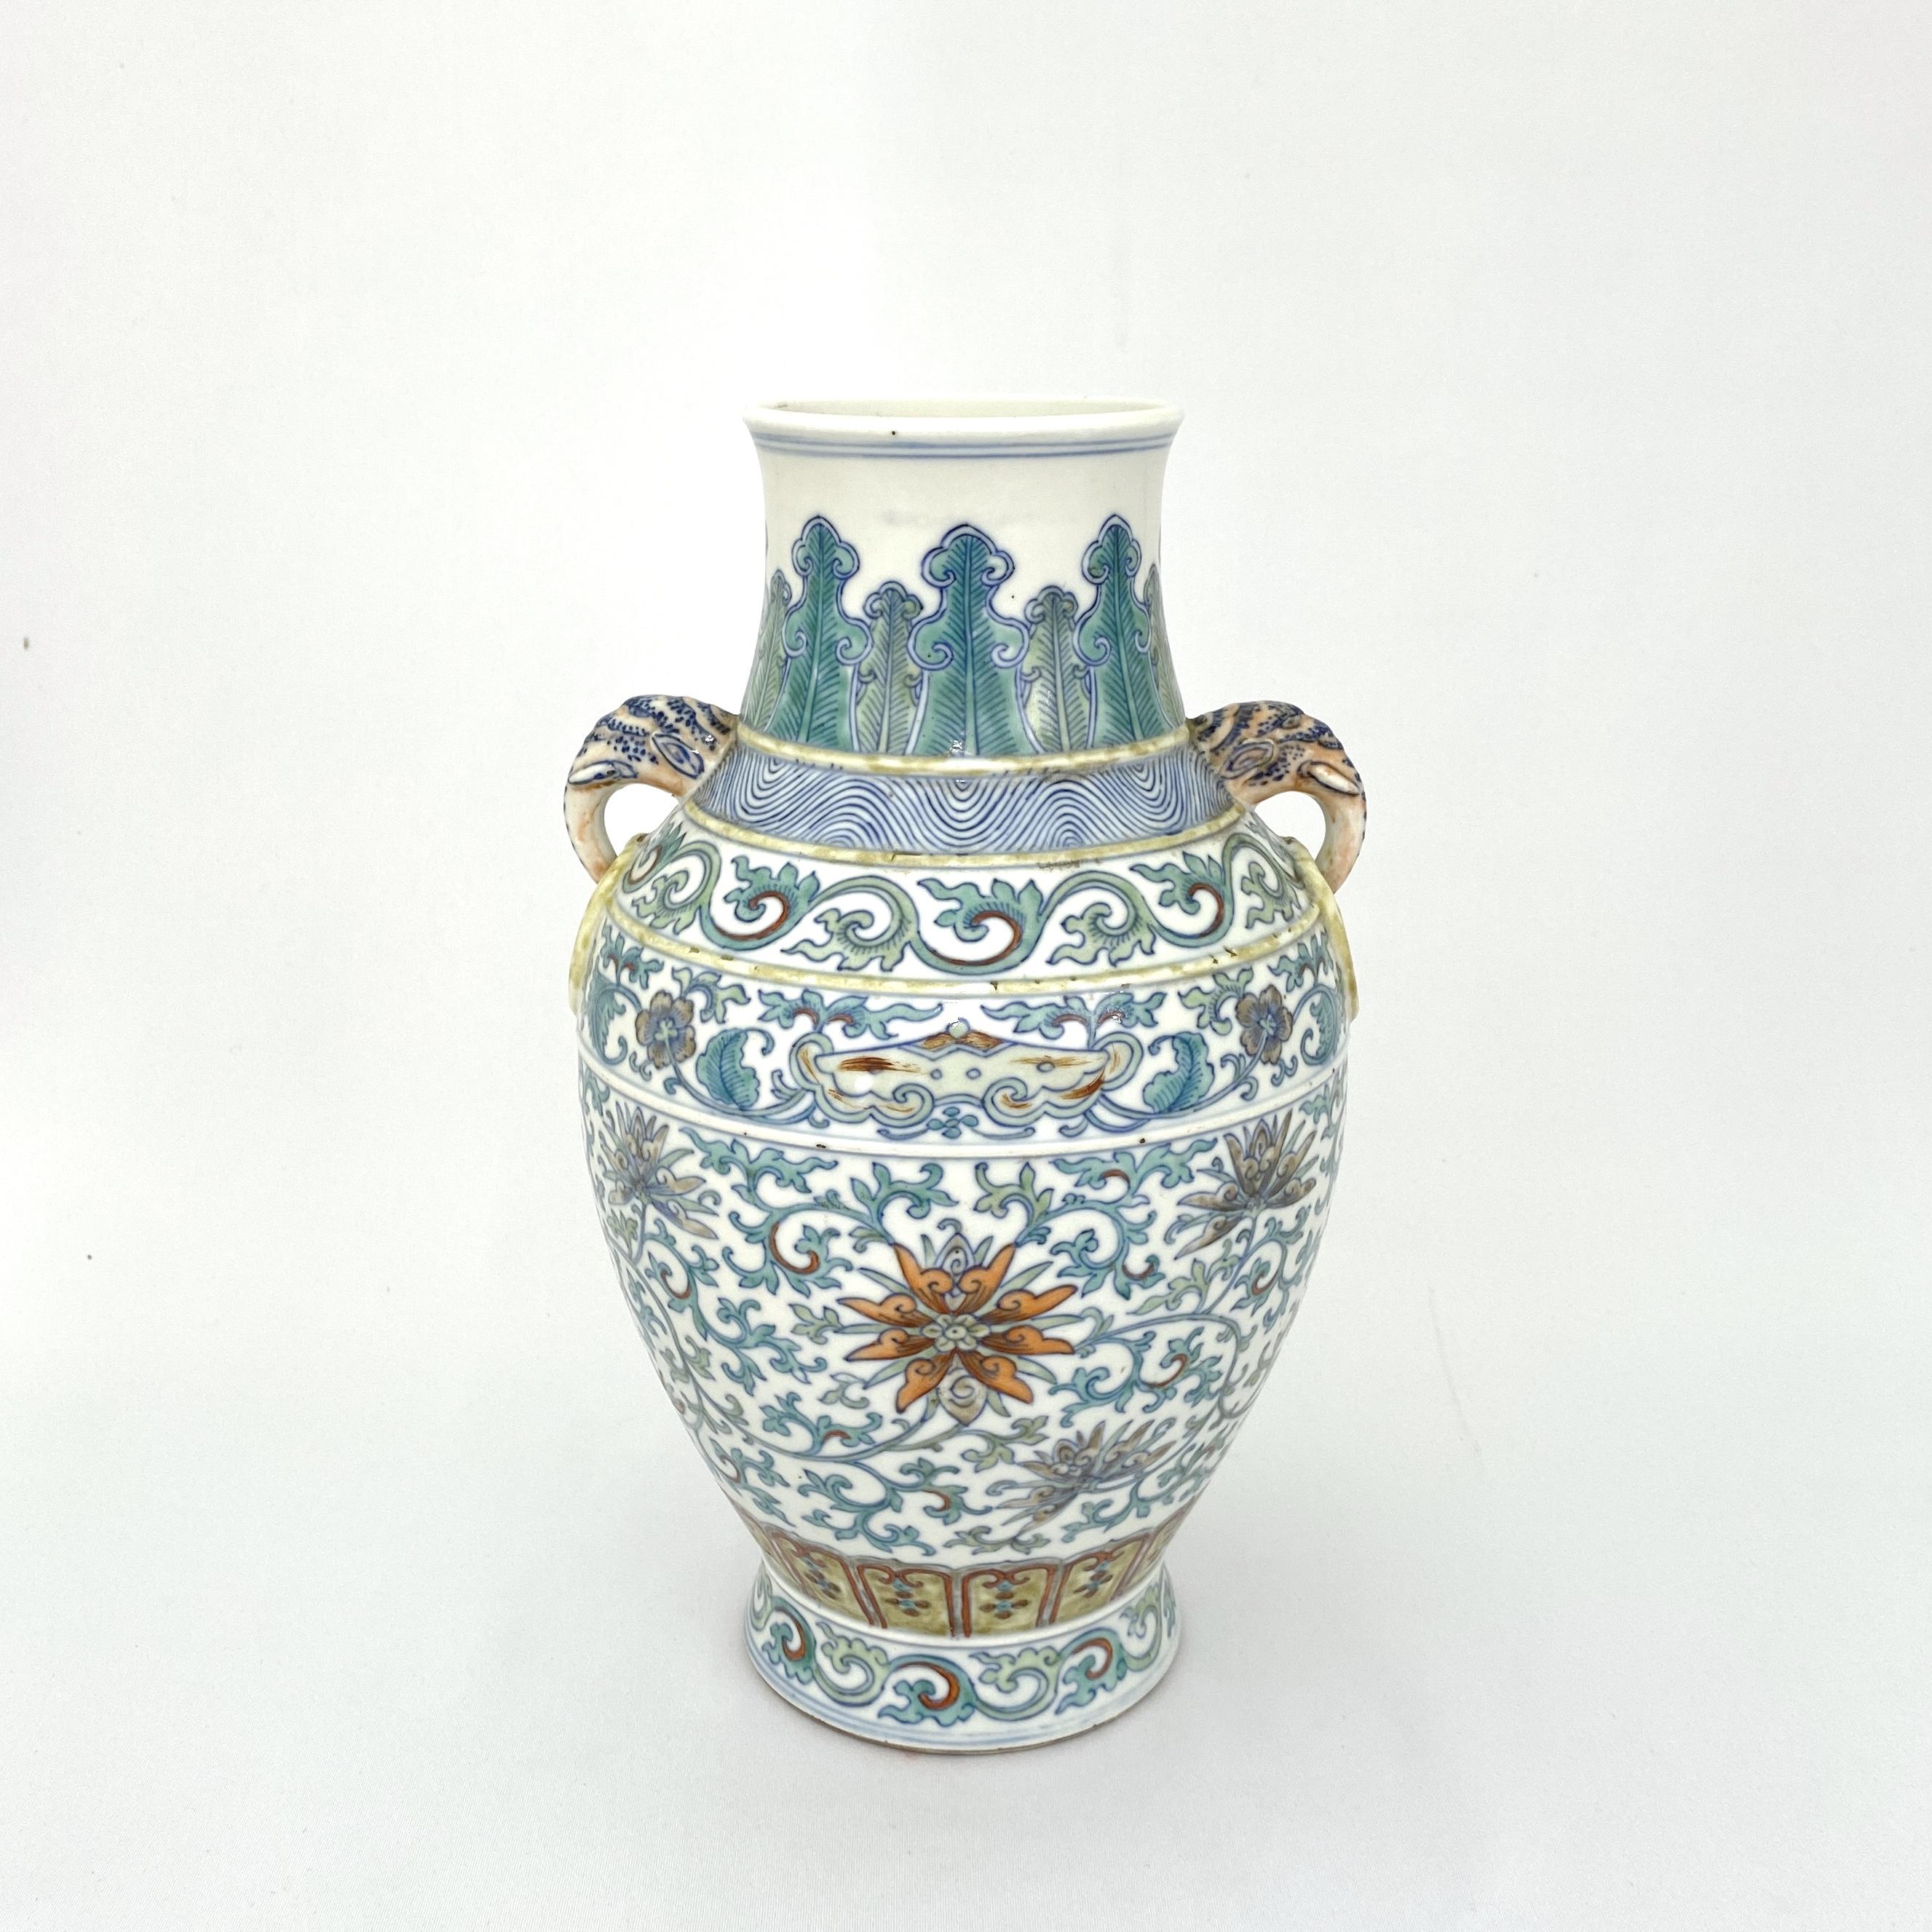 10011清「大清康煕年製」款 鬥彩 蓮花紋 象耳瓶